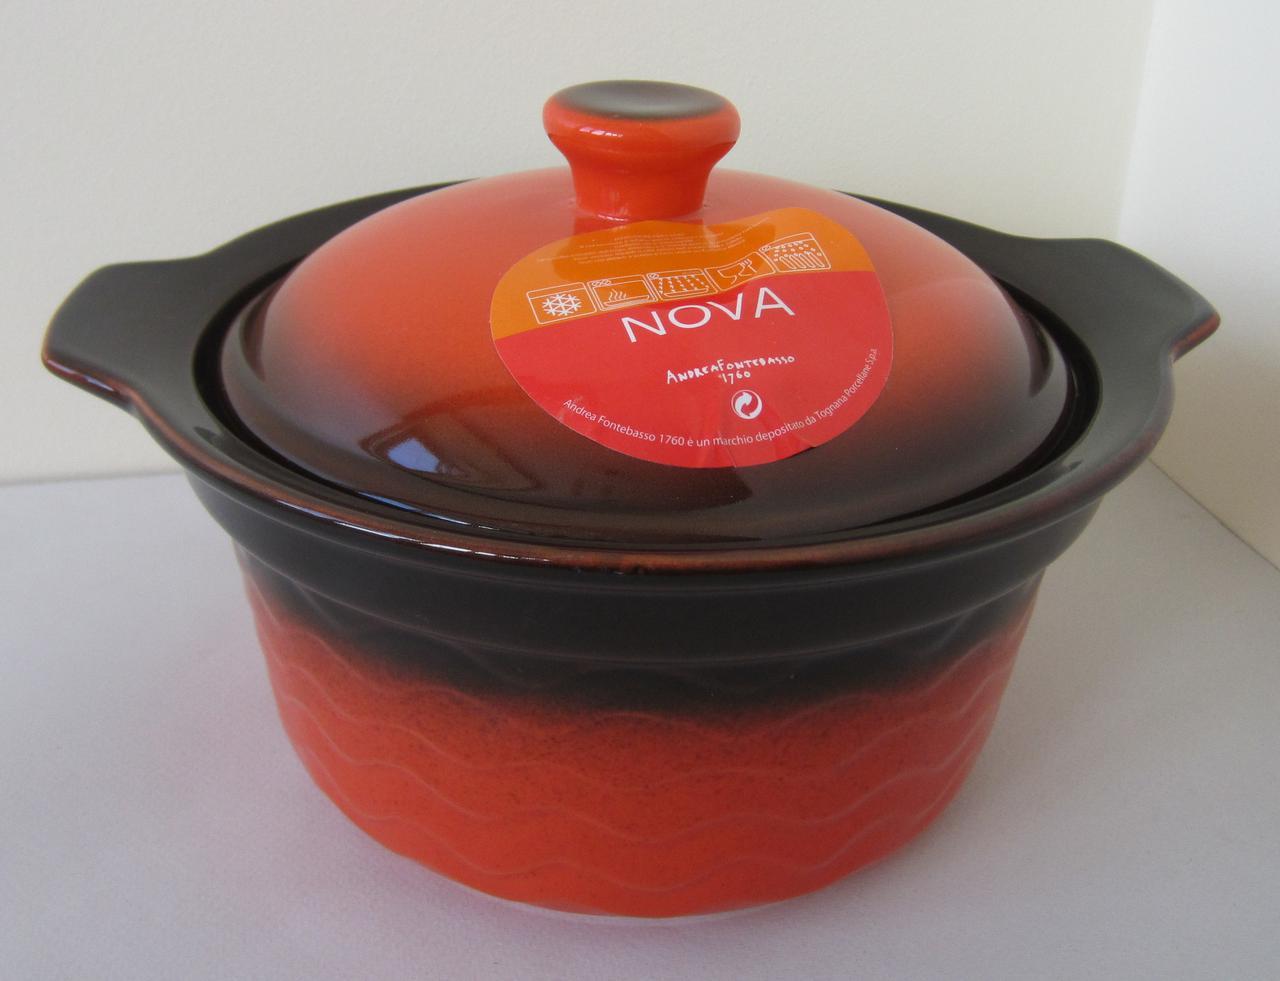 Кастрюля из жаростойкого фарфора 1,2 л Nova